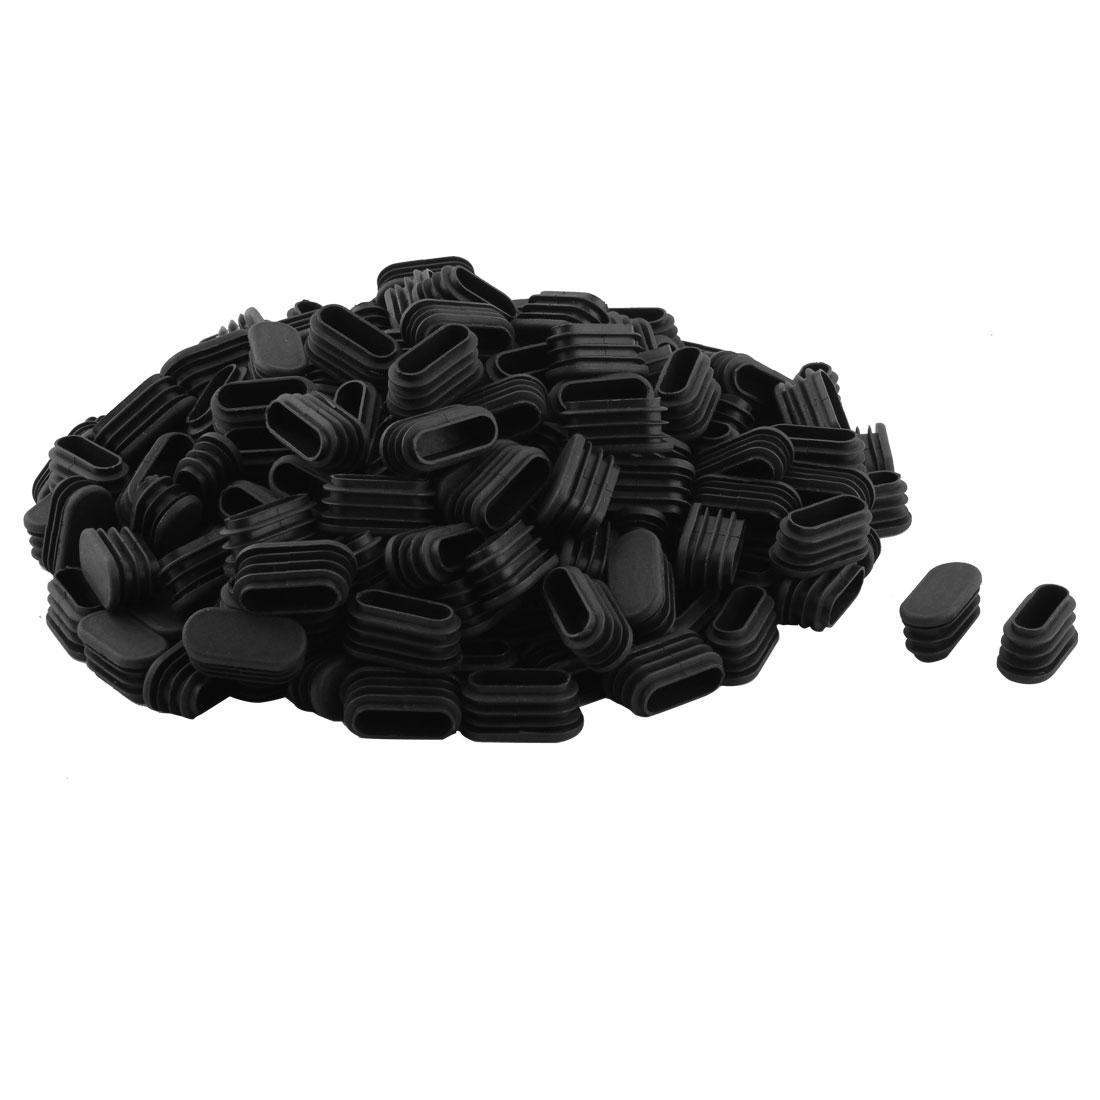 Household Plastic Rectangular Shaped Chair Leg Tube Pipe Insert Black 1.6 x 3.4cm 200 PCS